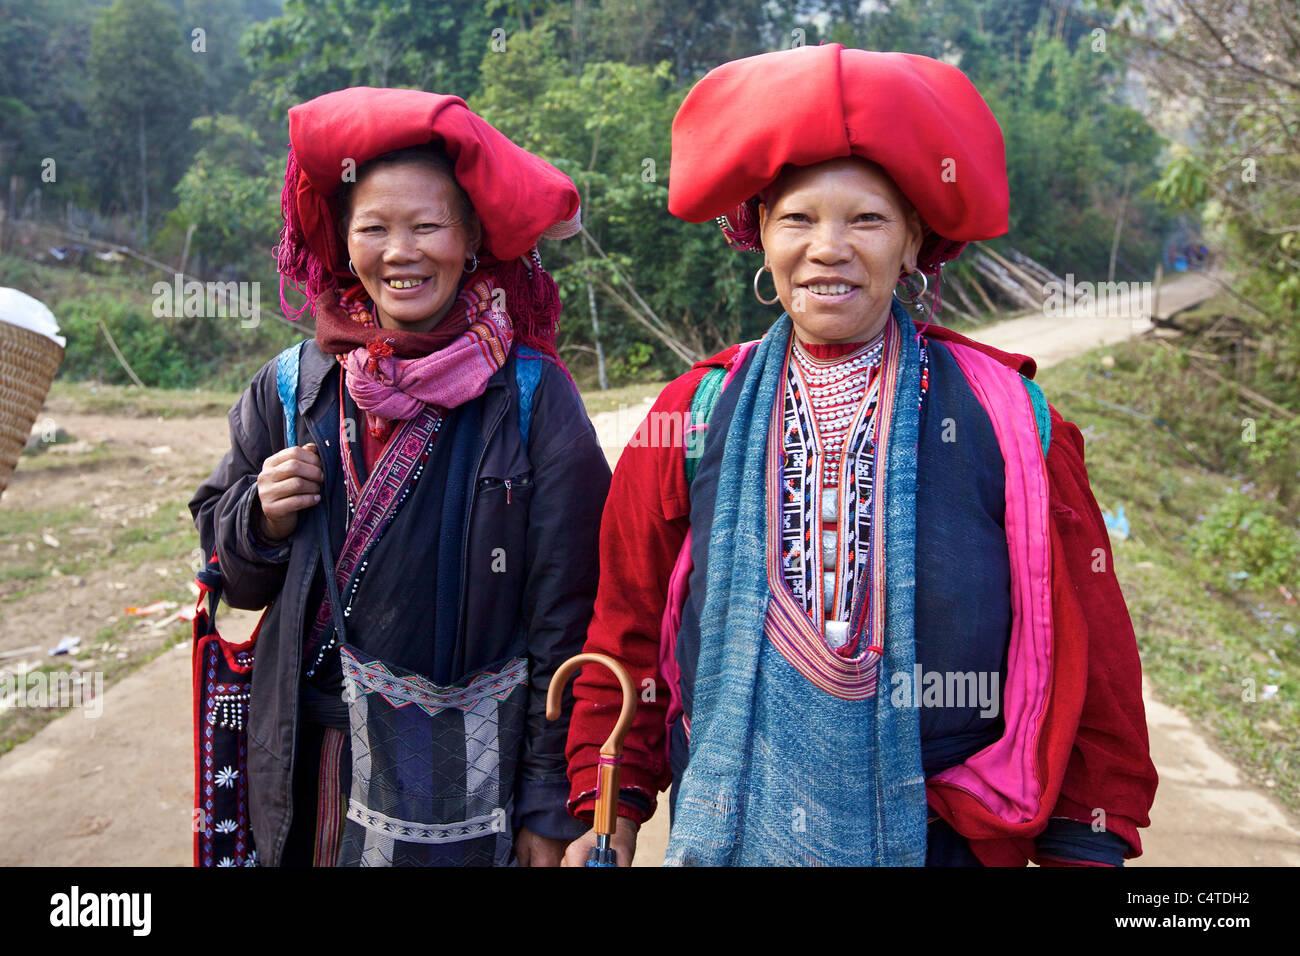 Red Dao Ethnic Minority Women - Stock Image